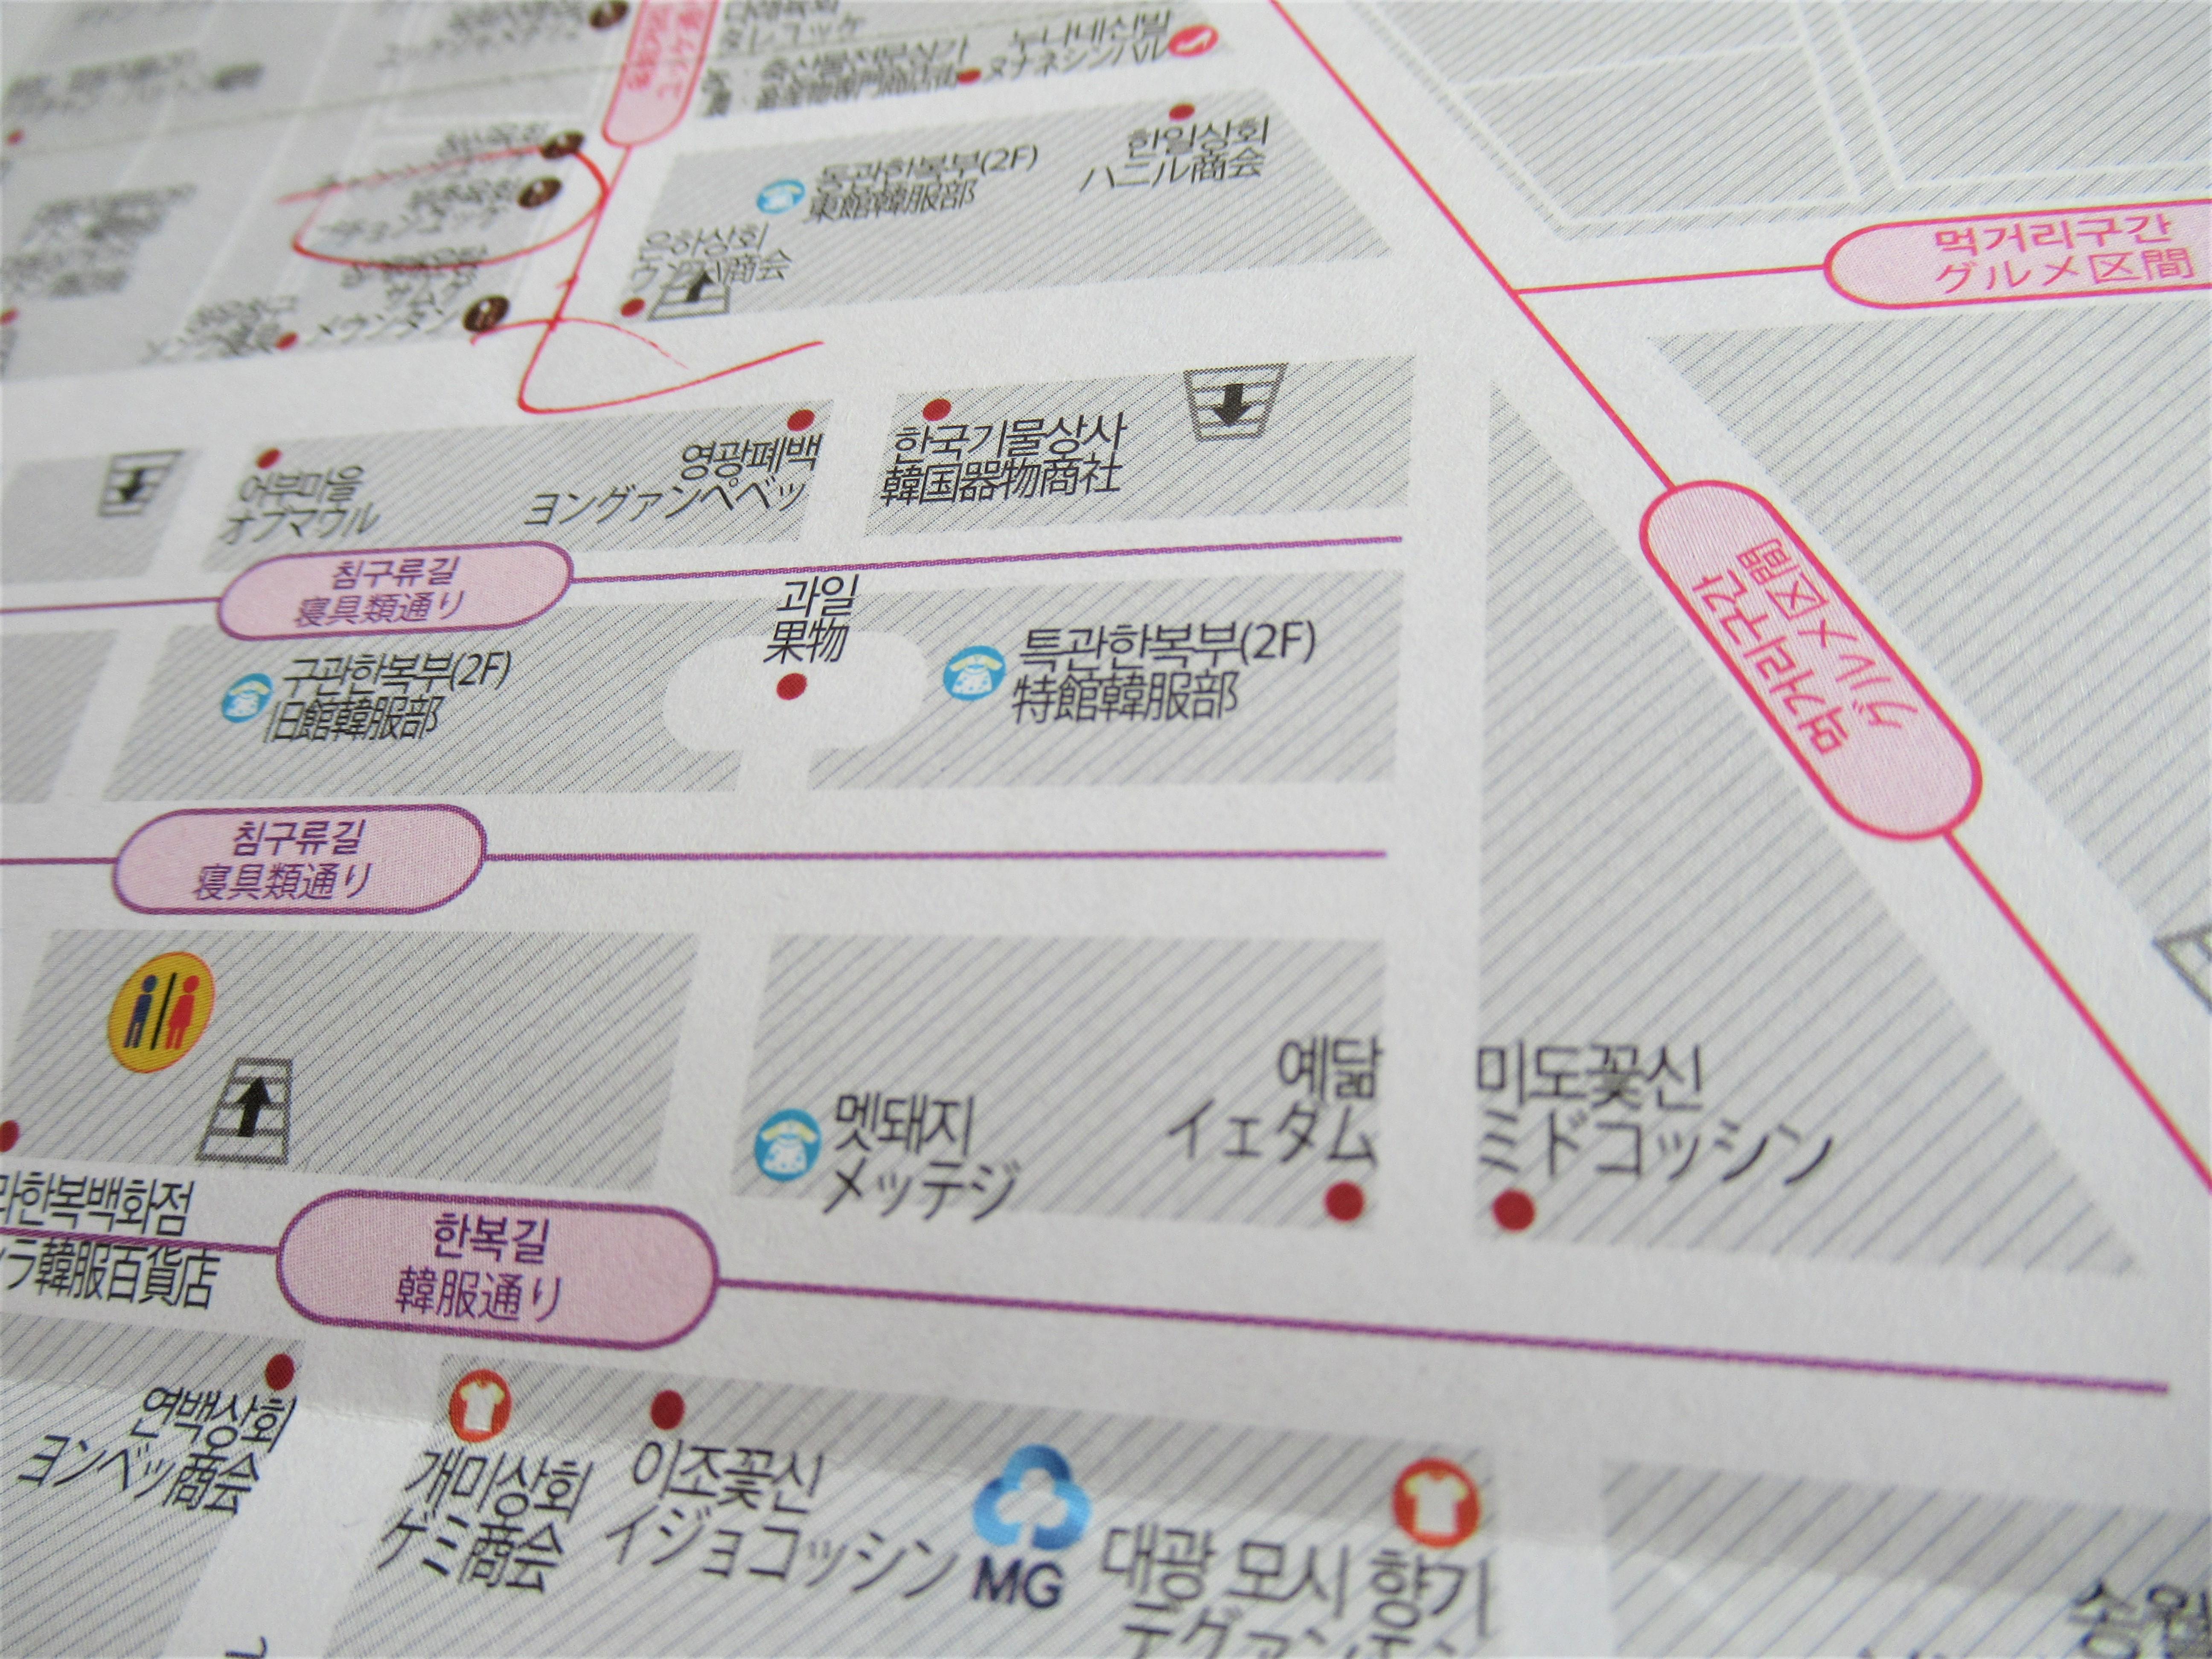 広蔵市場の地図と営業時間☆プチョンユッケは休憩時間に注意|韓国ブログ旅